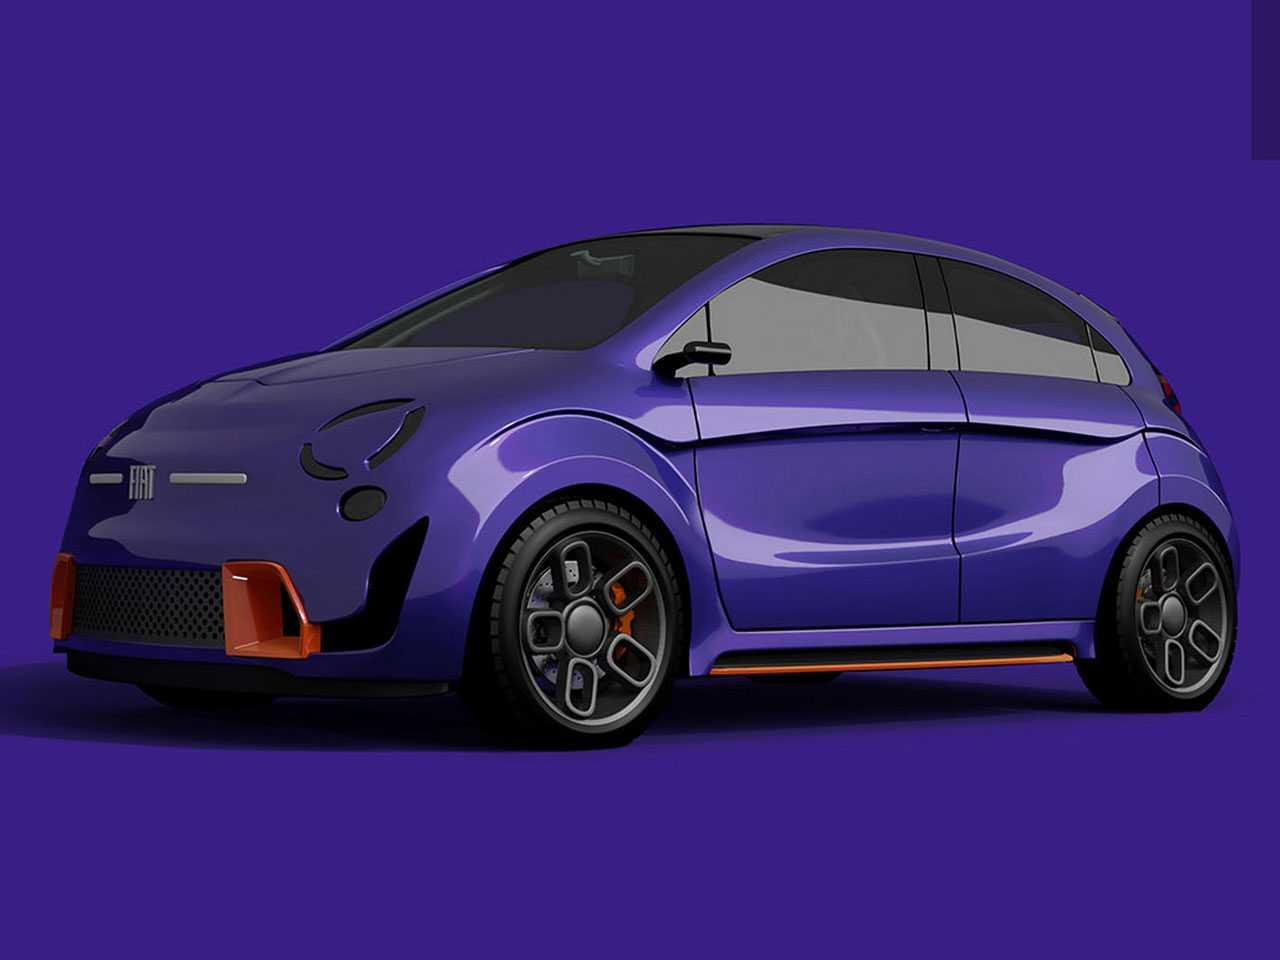 O Fiat elétrico imaginado pelo designer